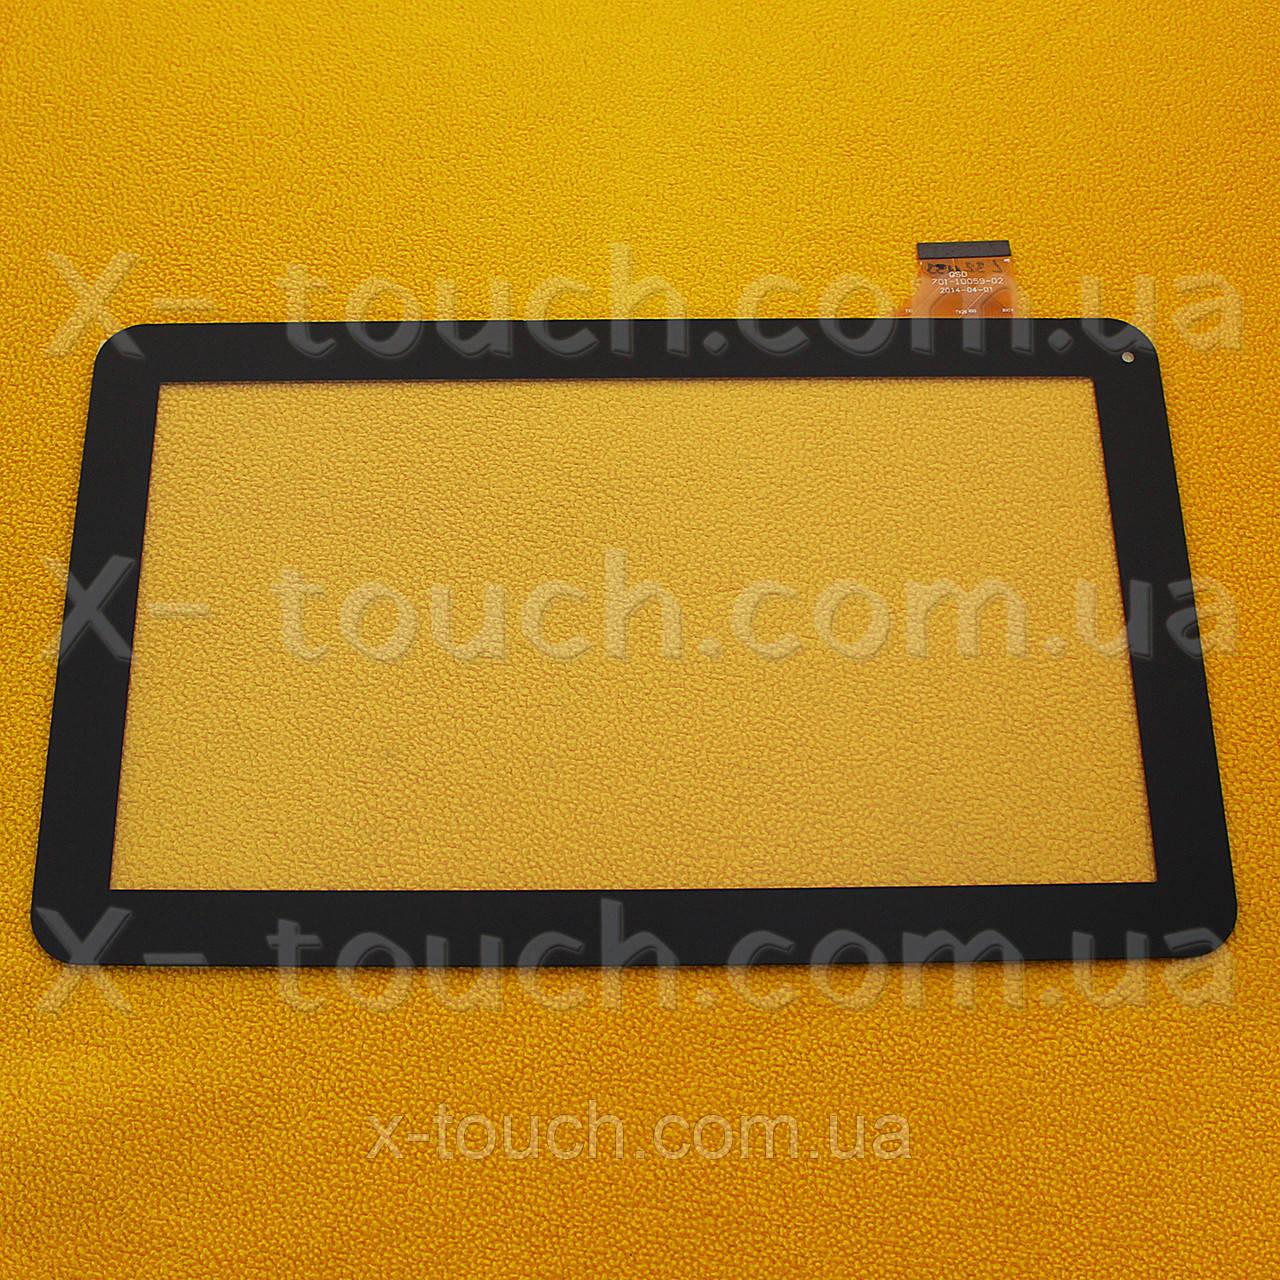 Тачскрин, сенсор  C159257E1-DEFPC229T  для планшета